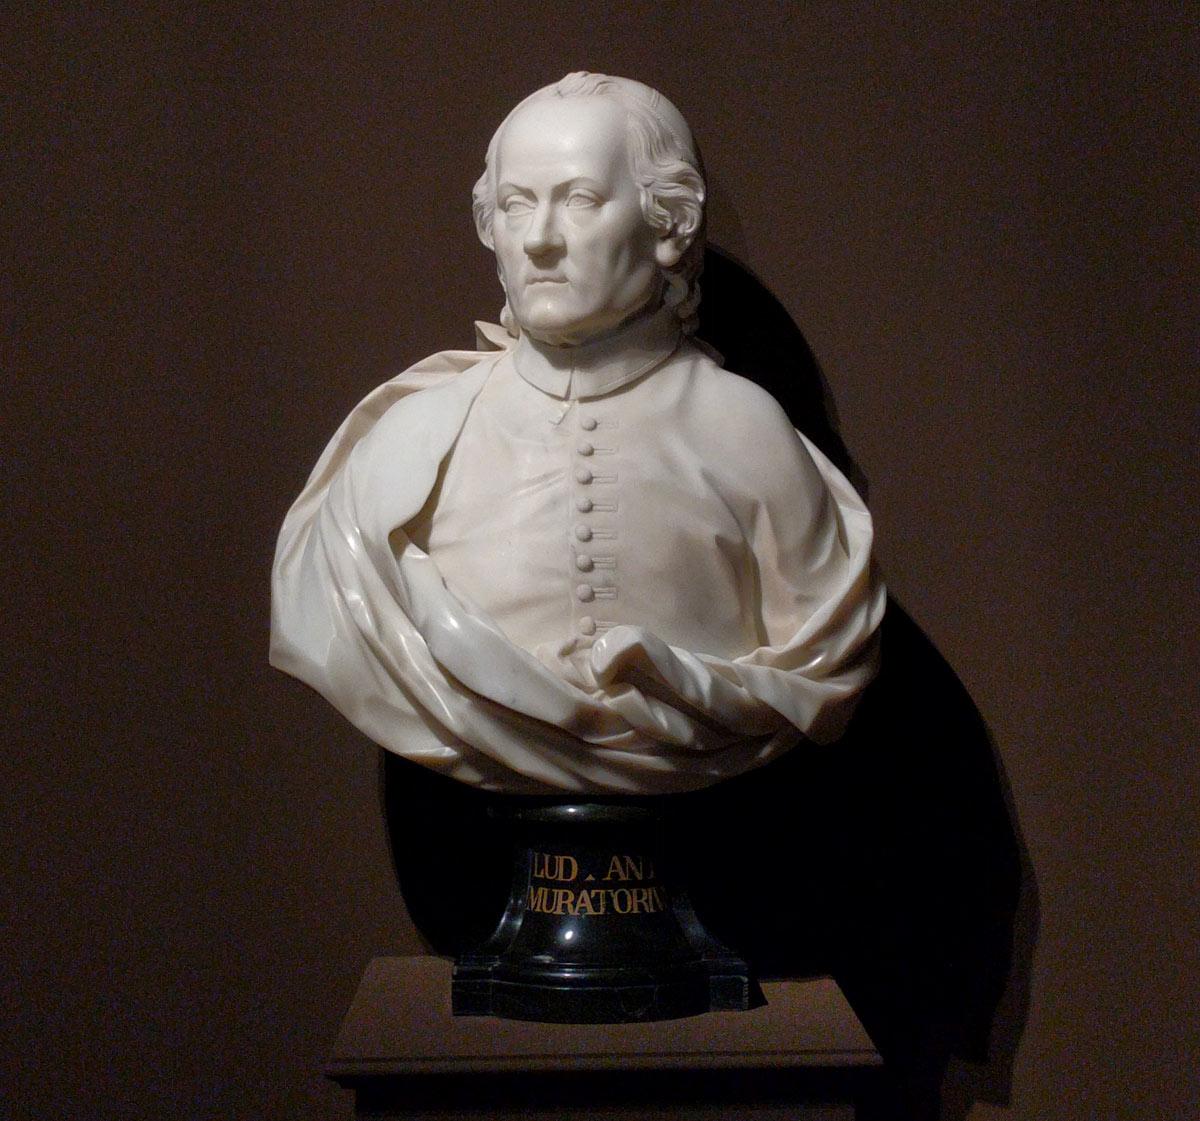 Le opere modenesi del grande Giovanni Antonio Cybei per la prima volta in mostra. Alla Galleria Estense